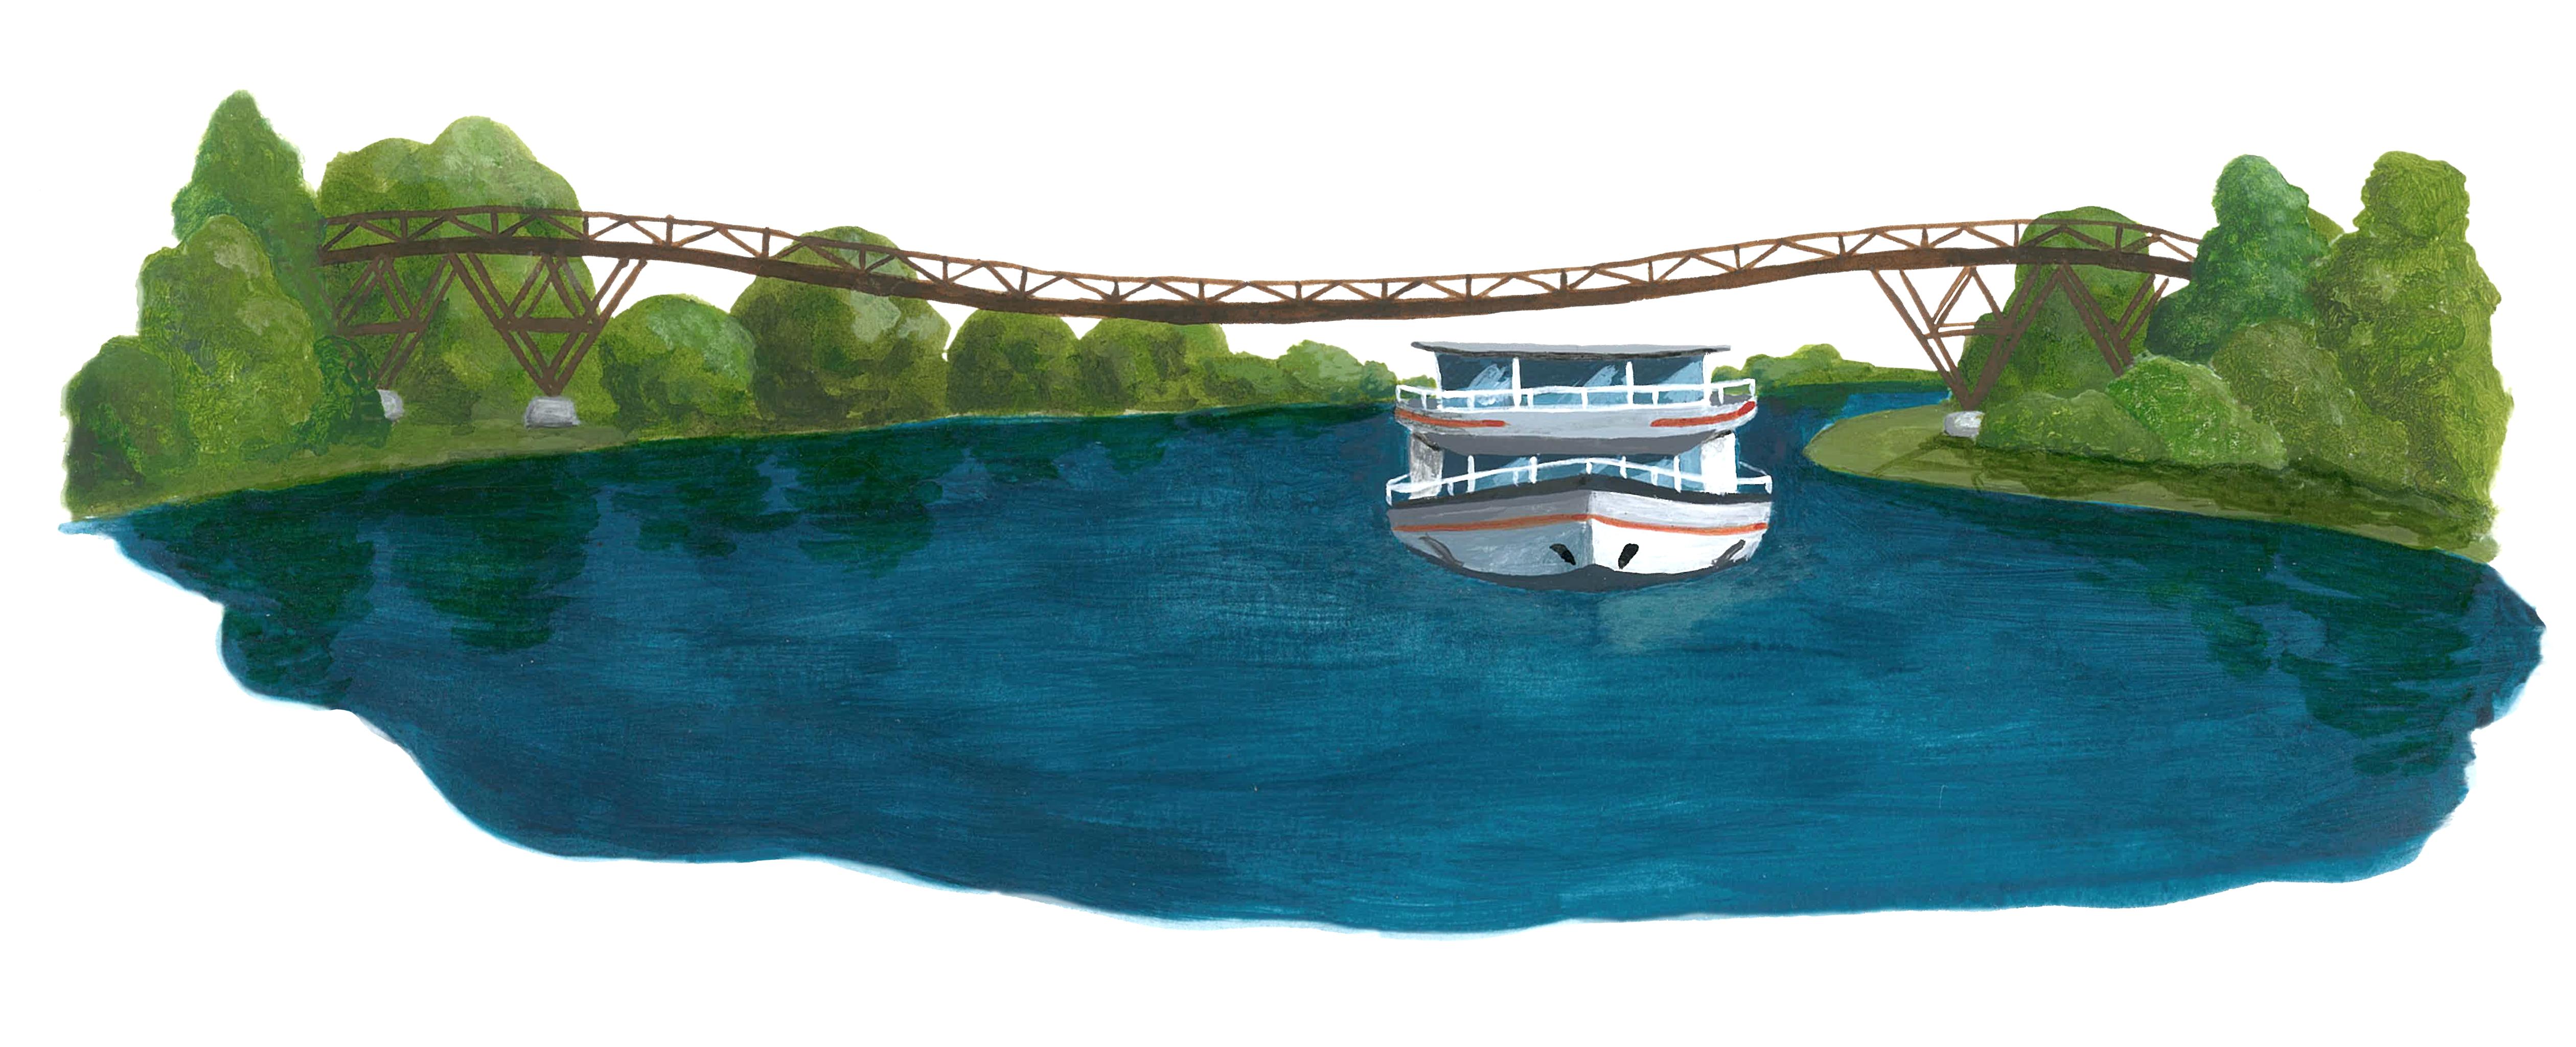 Illustration Tatzlwurm mit Schiff